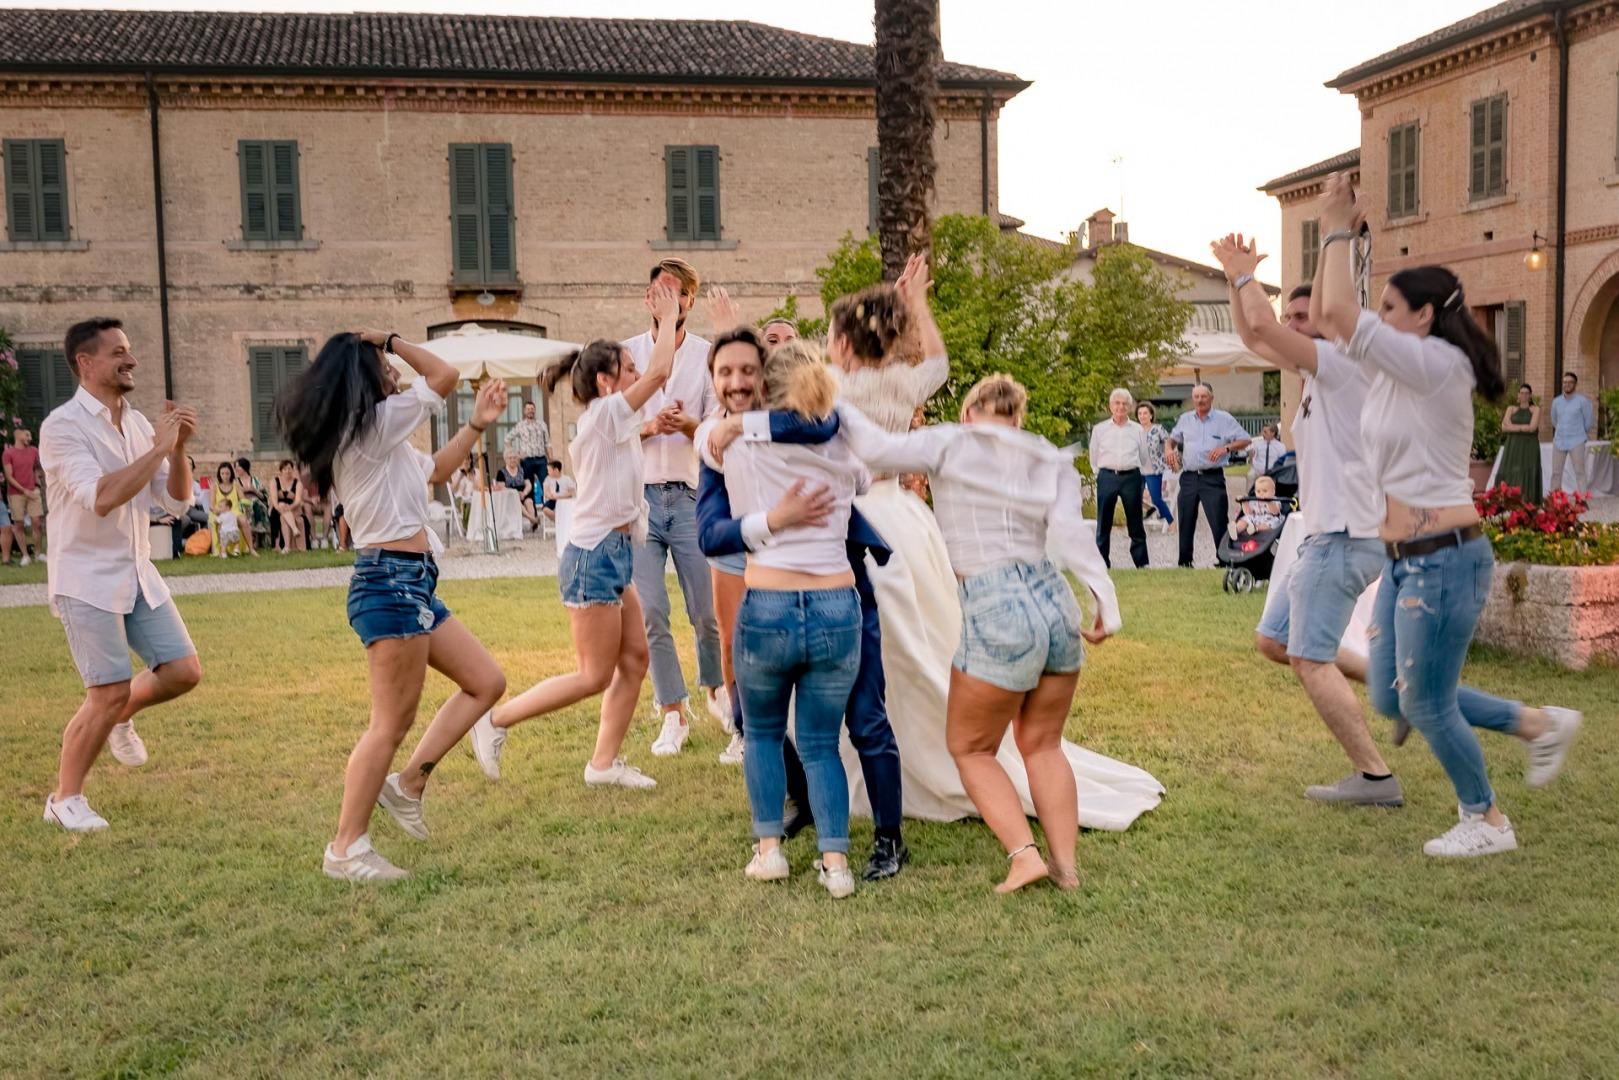 nicola-da-lio-wedding-photographer-venezia-treviso-padova-veneto-italia-149